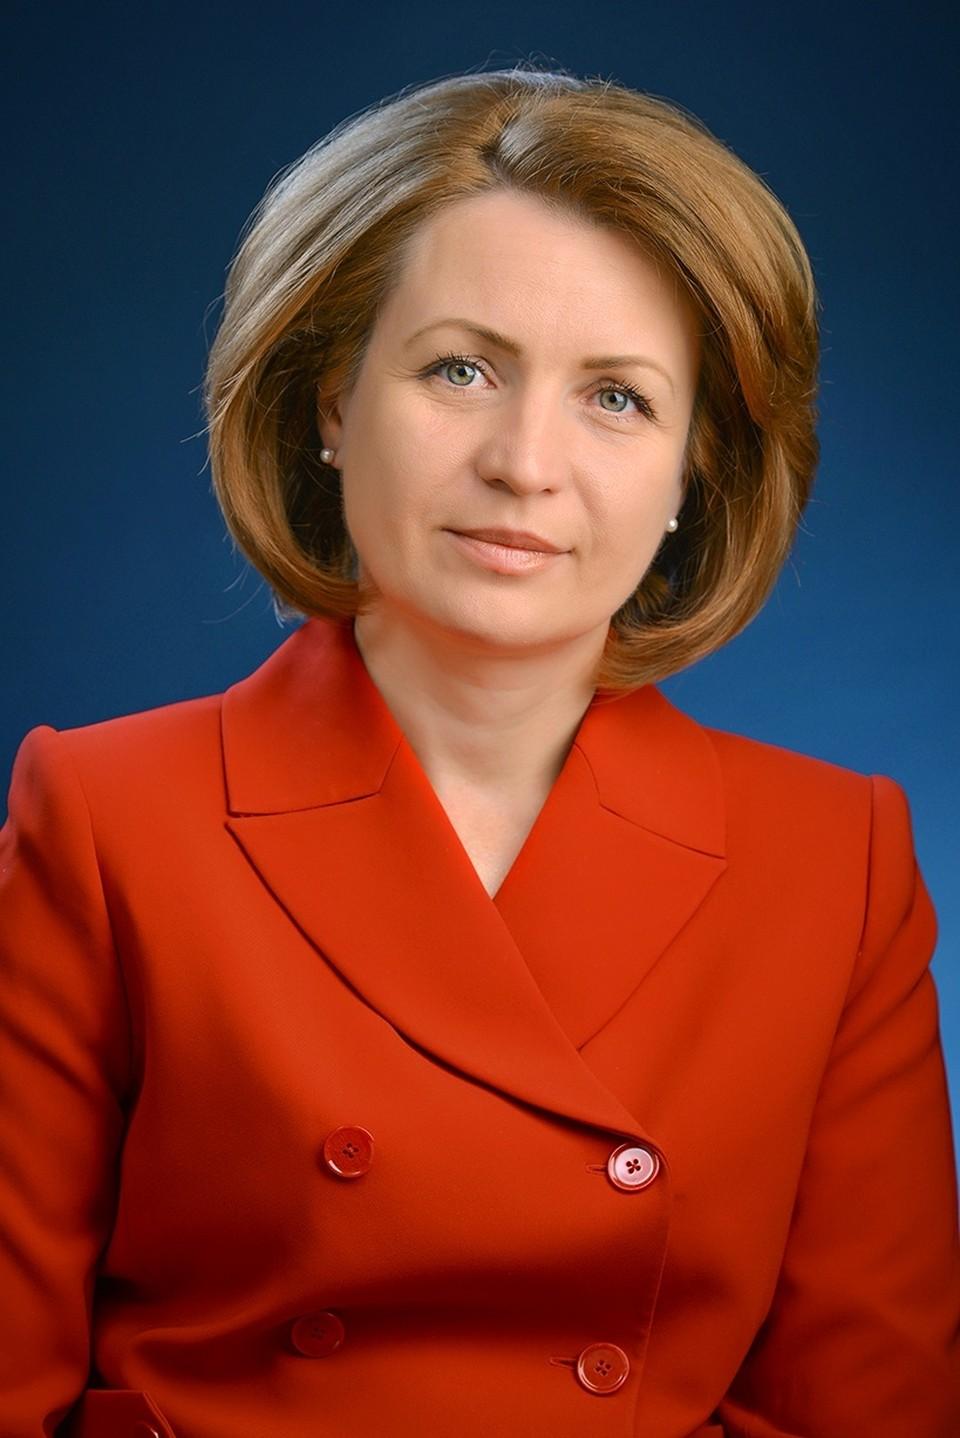 Оксана Фадина собралась участвовать и в выборах в ЗакСобрание, и в Госдуму.